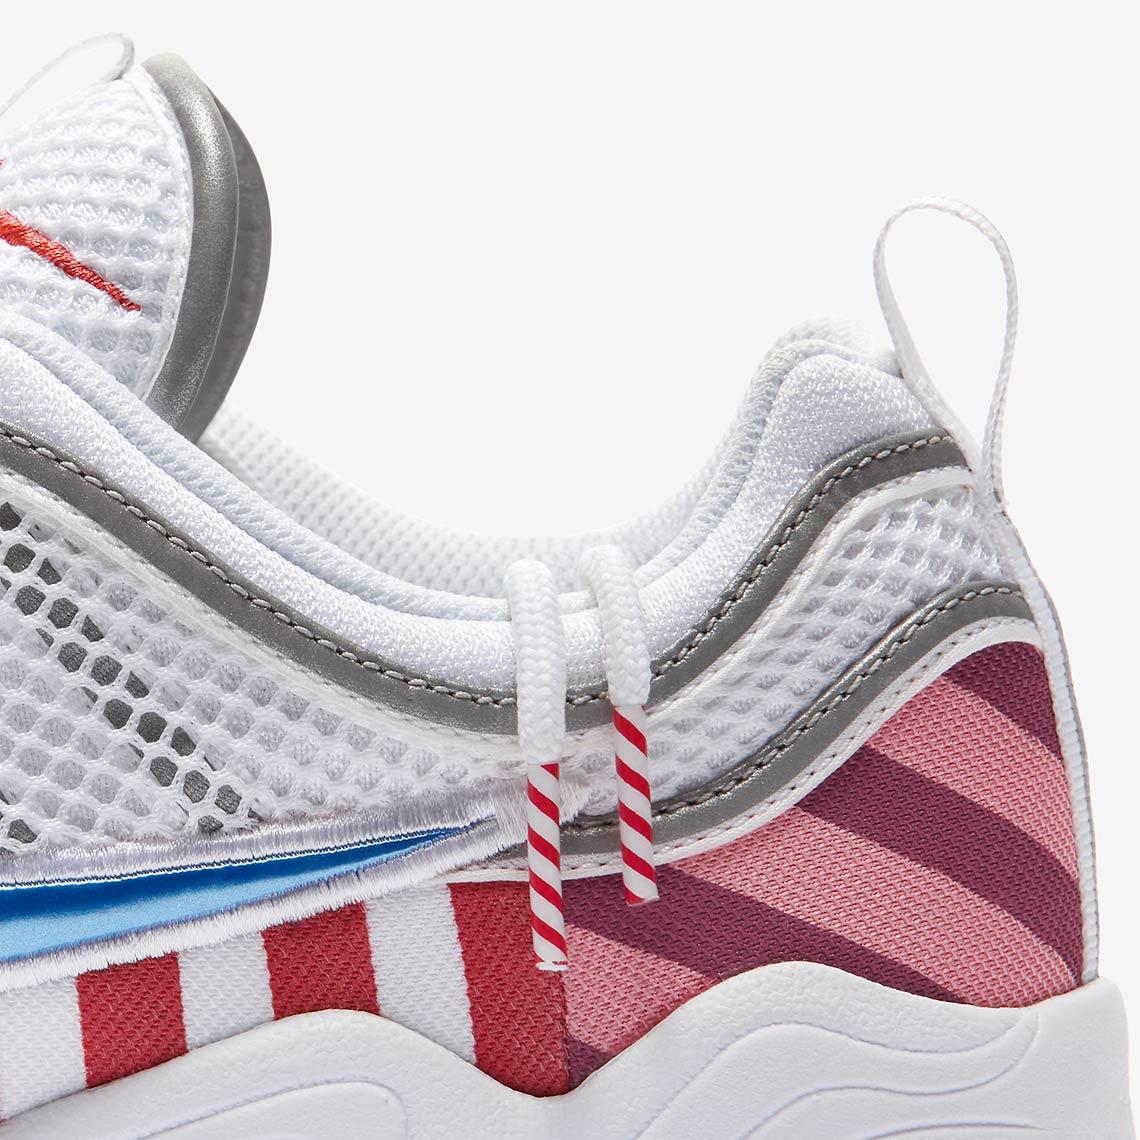 Parra Nike Zoom Spiridon AV4744-100 Release Info  f6b243759